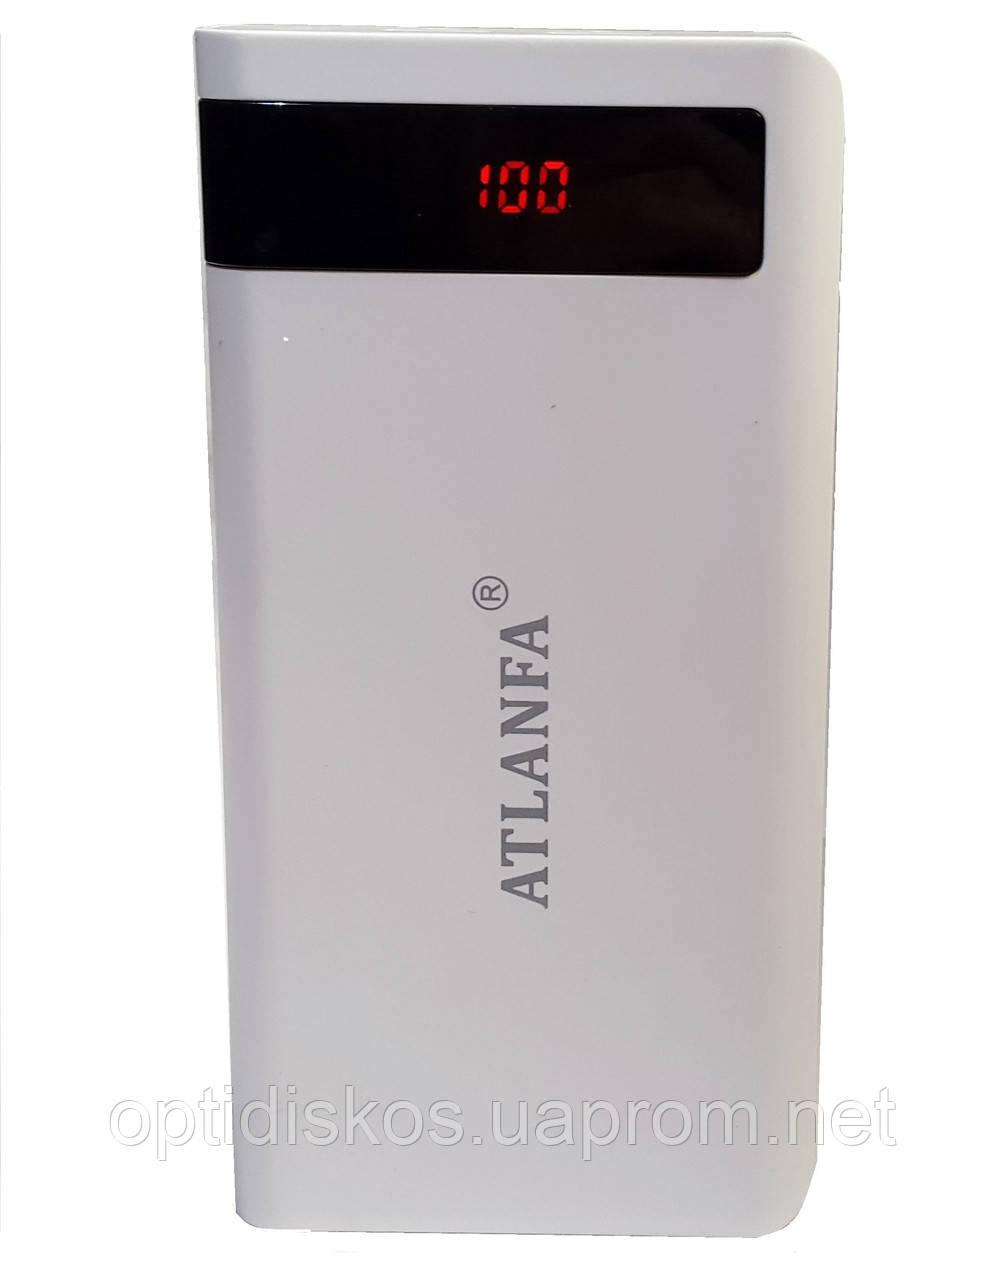 Универсальная батарея Atlanfa Elite AT-2022, 20000mAh, 2 USB